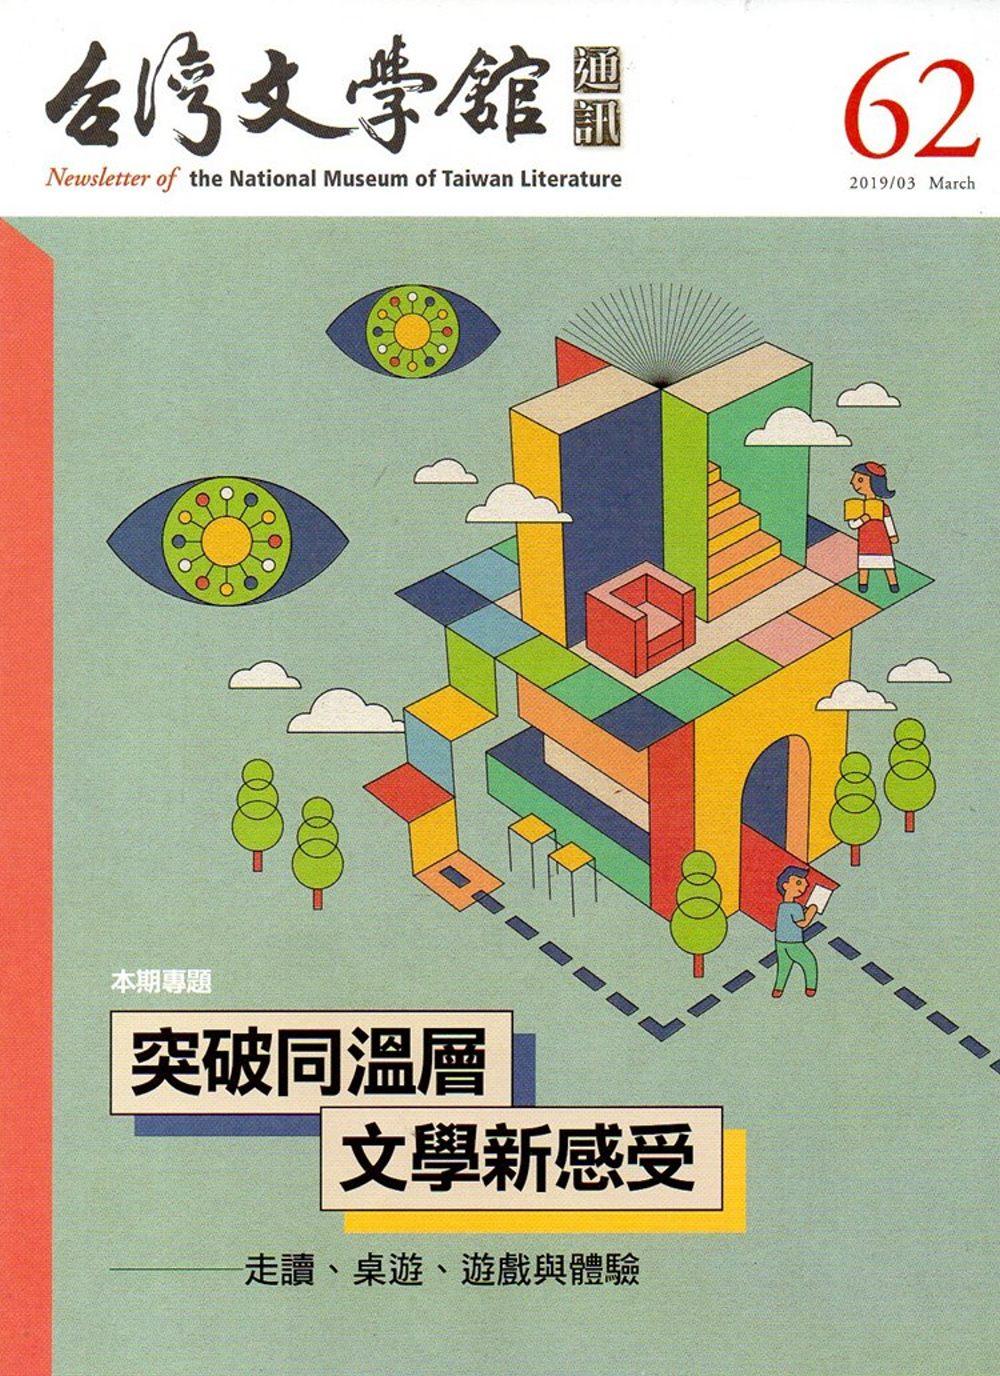 台灣文學館通訊第62期(2019/03)